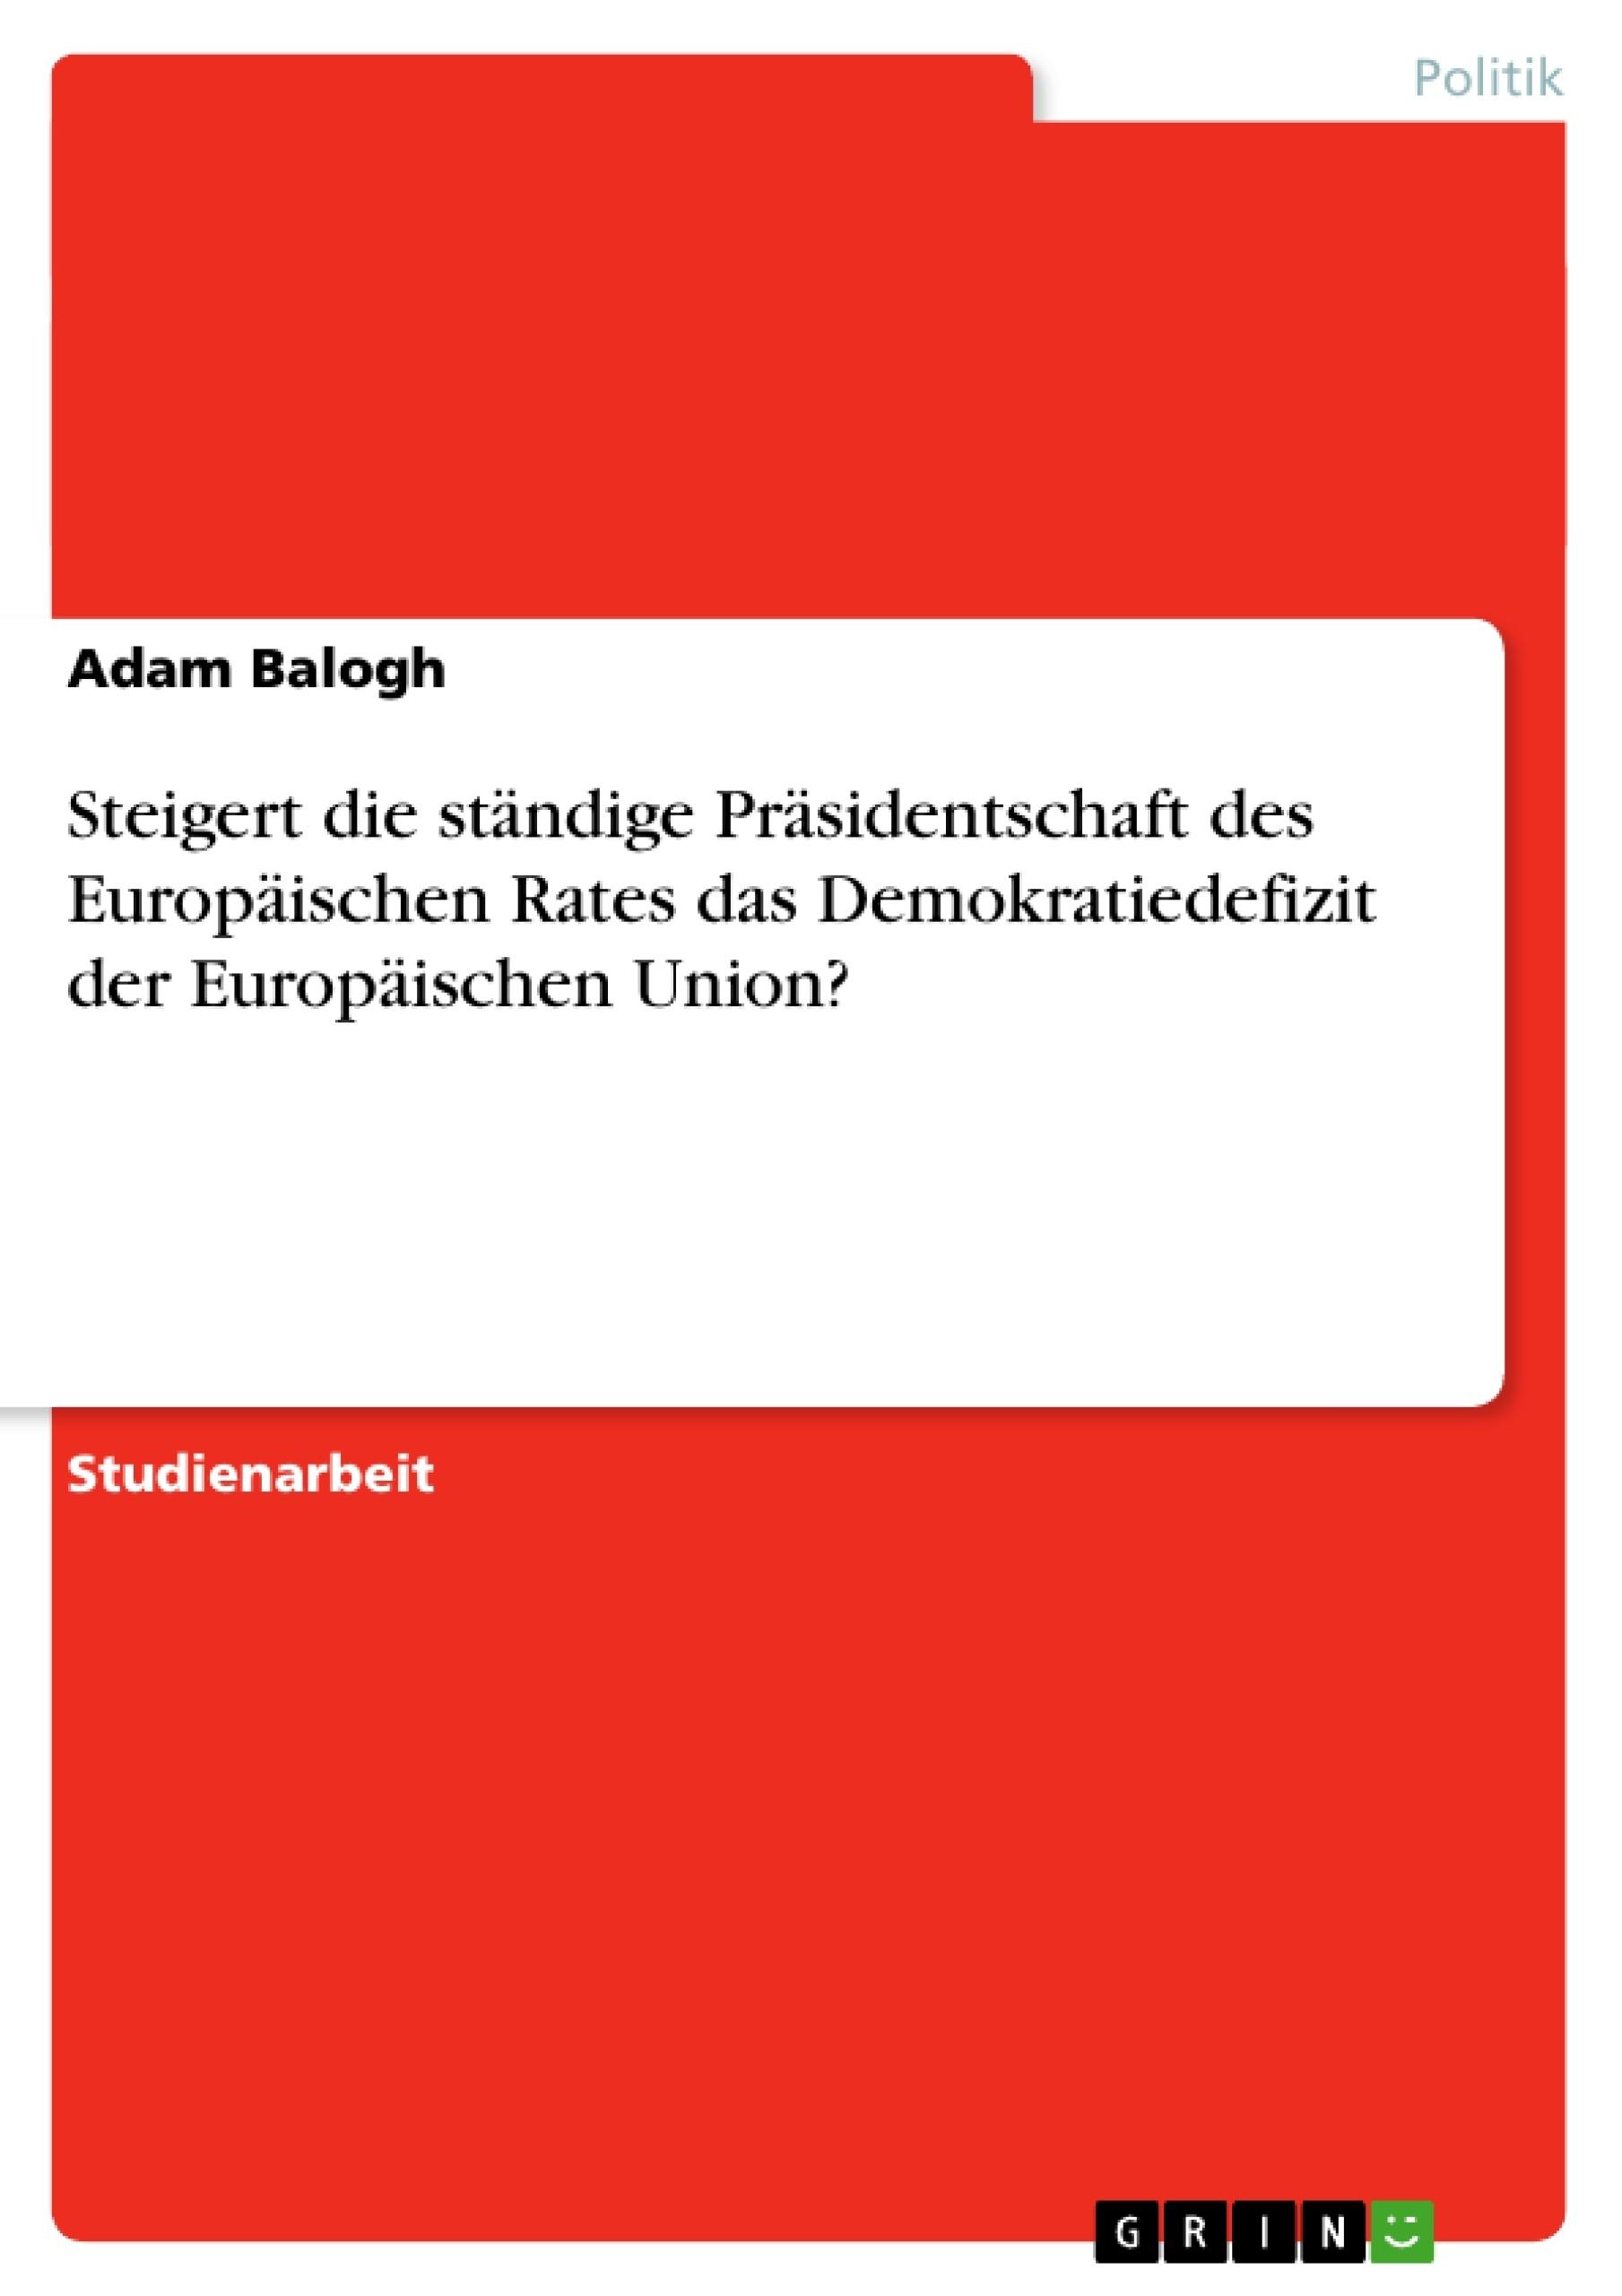 Titel: Steigert die ständige Präsidentschaft des Europäischen Rates das Demokratiedefizit der Europäischen Union?